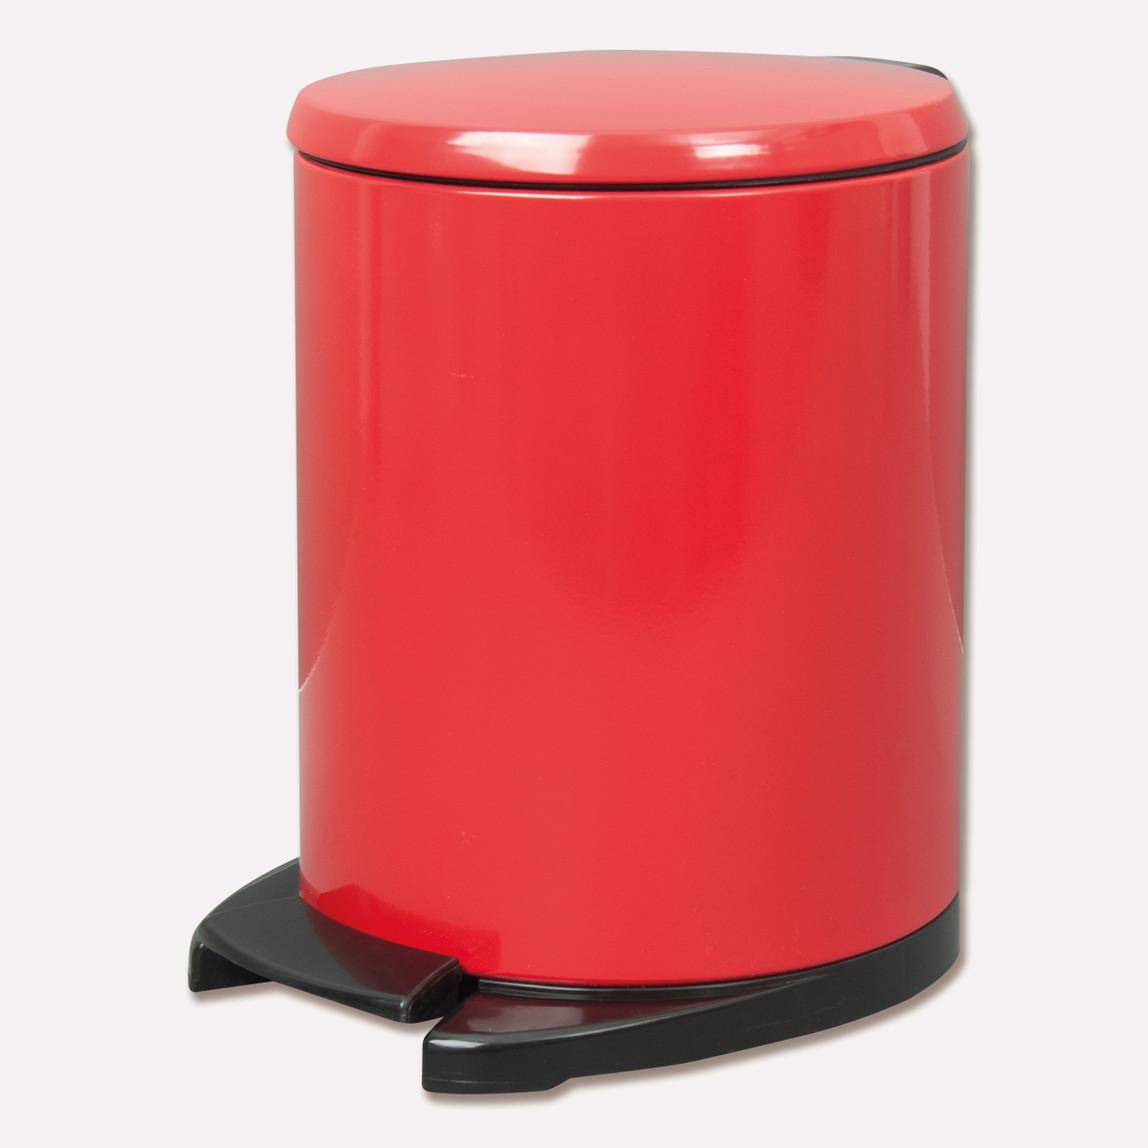 Cigo Pedallı Çöp Kovası 6 Lt Kırmızı İç Kısım Siyah